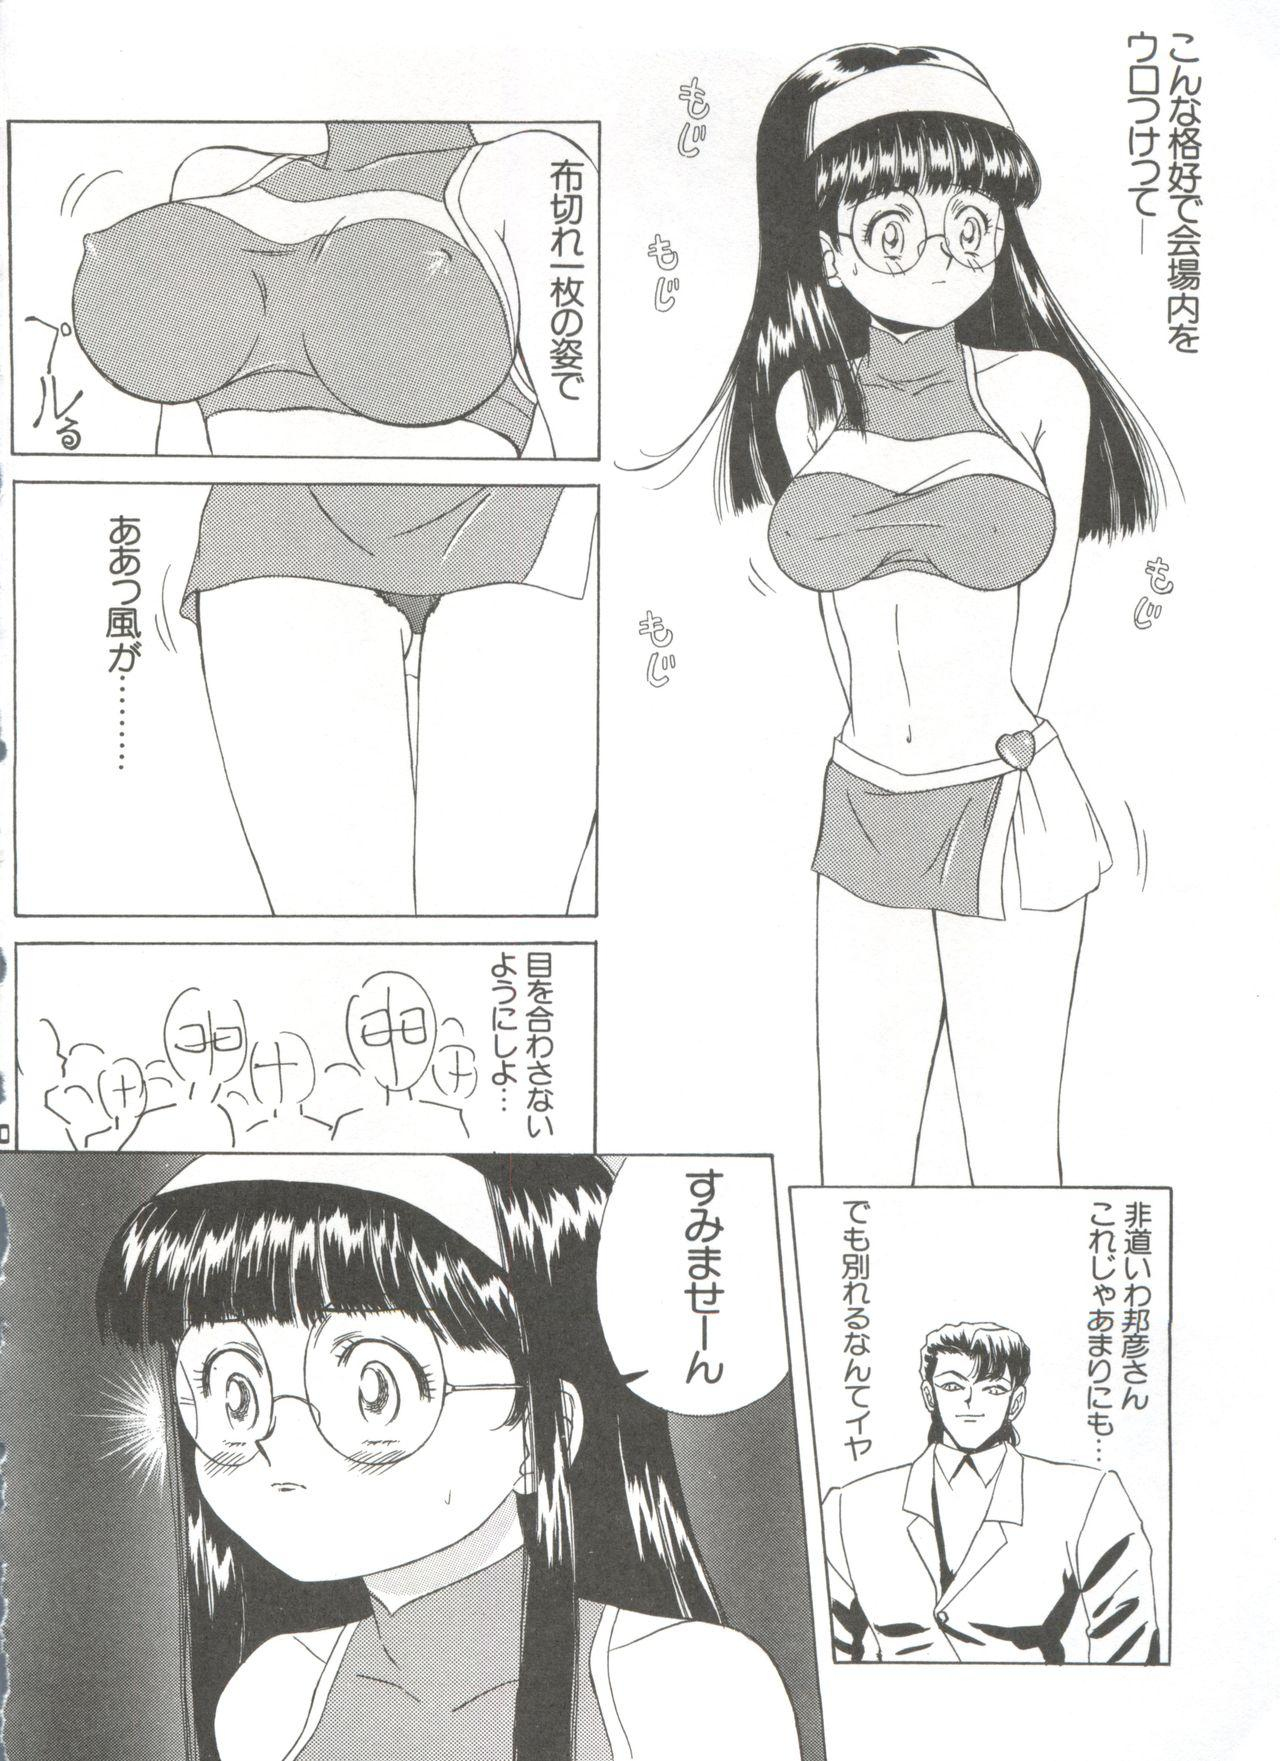 Shin Bishoujo Shoukougun 1 Reimei Hen 169